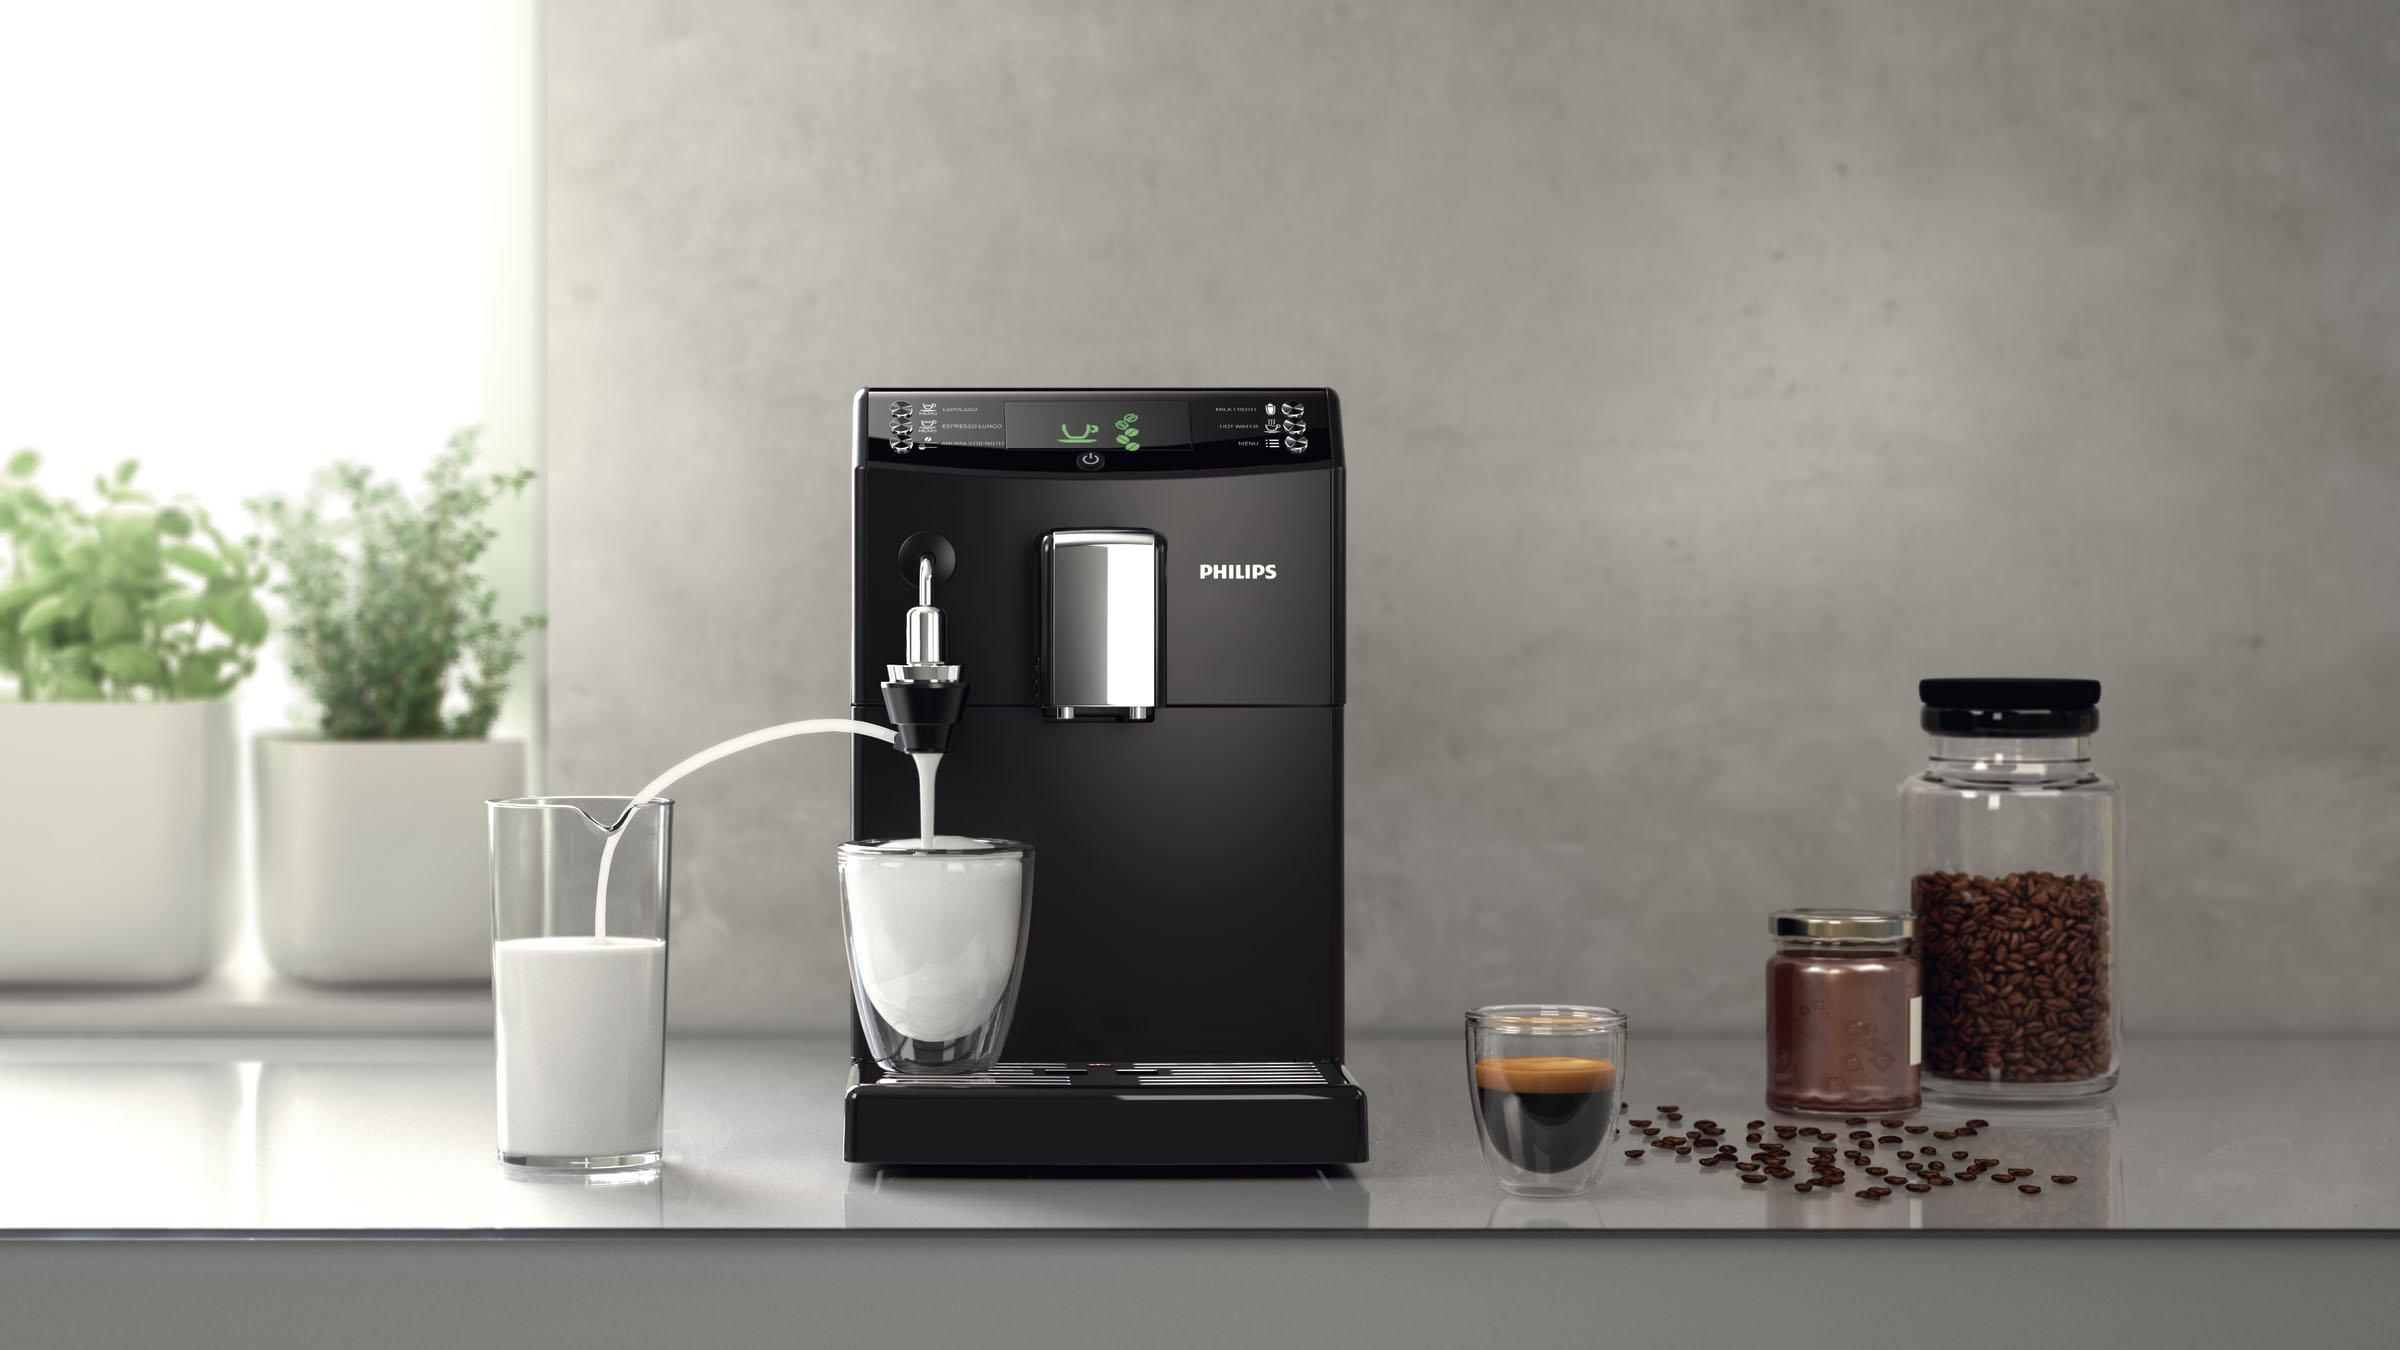 Philips-HD883201-3100-Serie-Kaffeevollautomat-automatischer-Milchaufschumer-schwarz